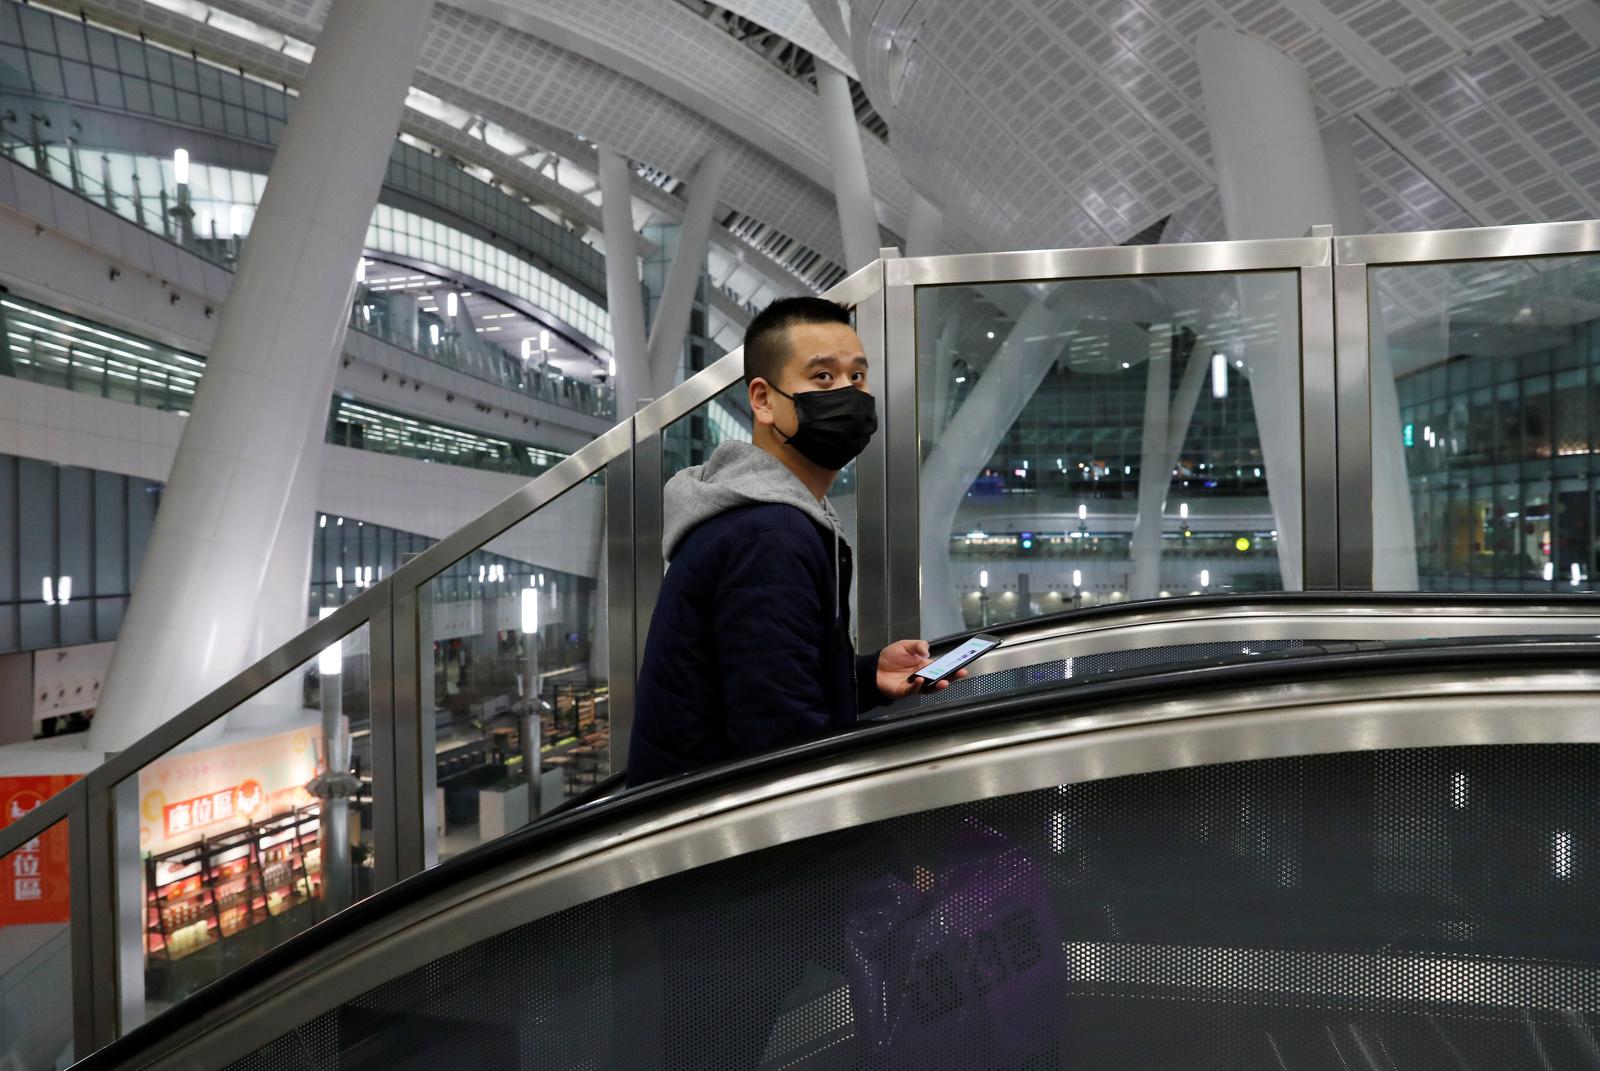 Un passatger porta una màscara en una estació de tren de Hong Kong poc abans de ser tancada per l'arribada del coronavirus a la ciutat